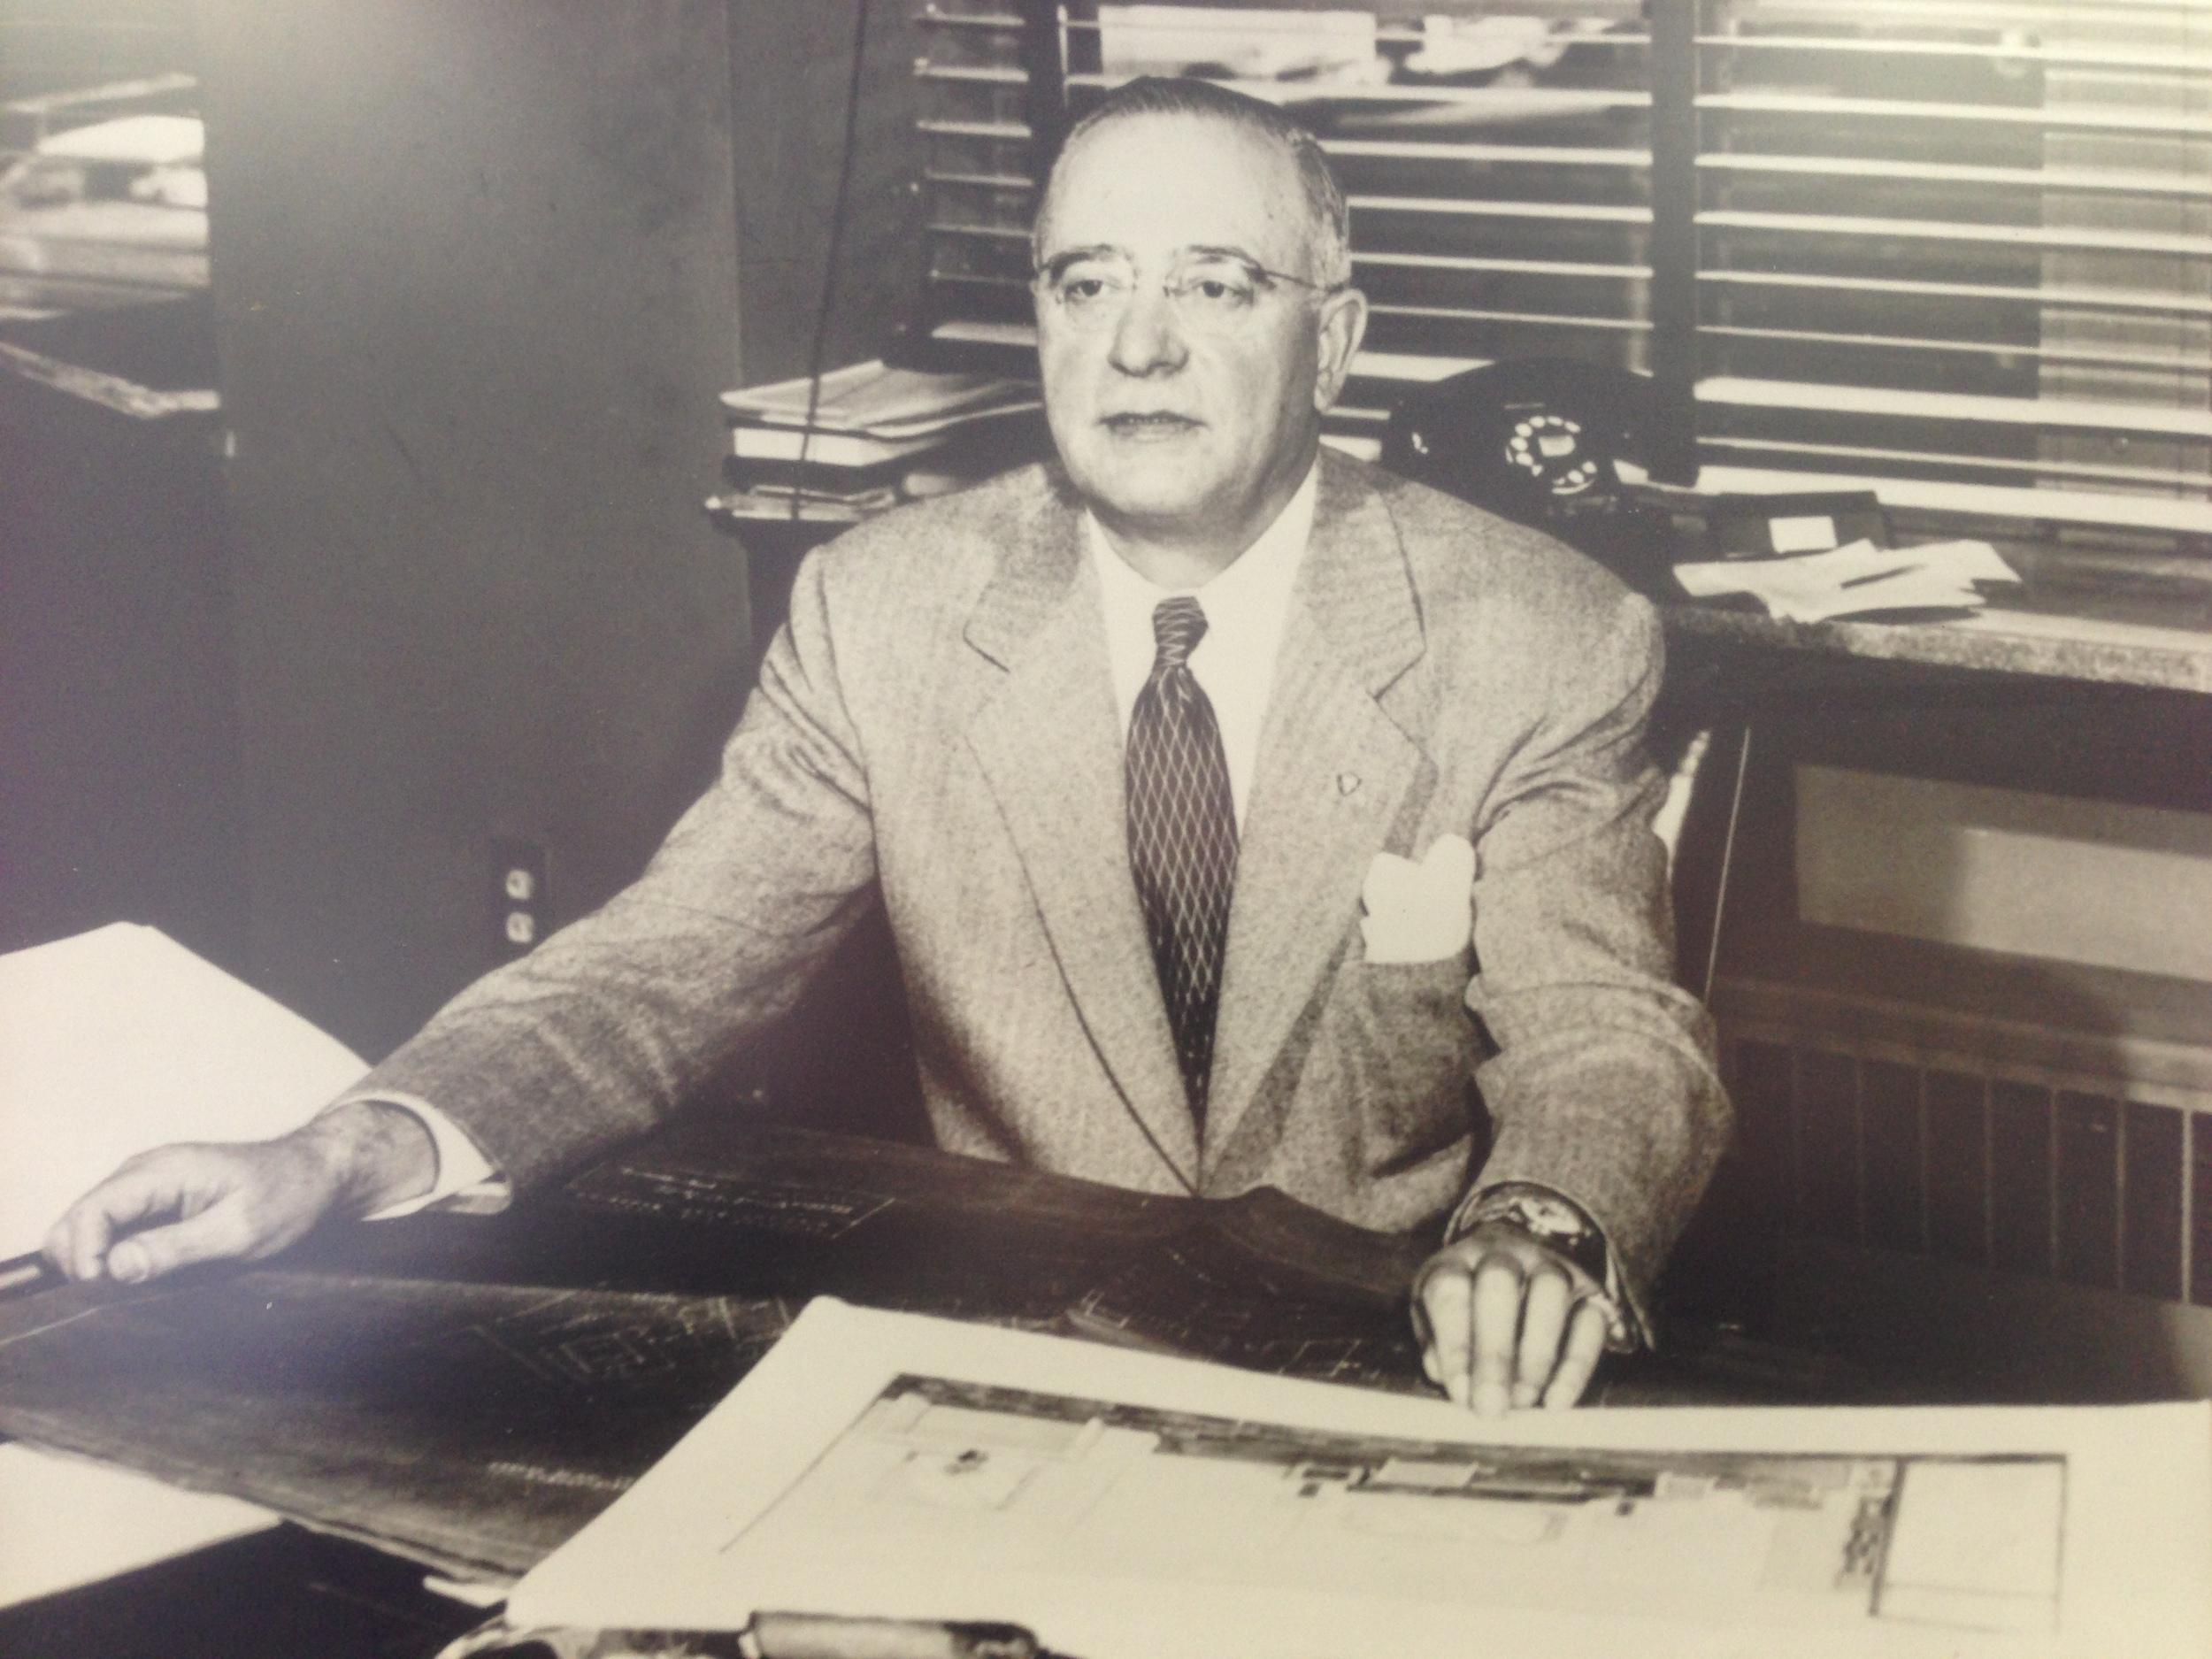 AJ Aberman, Founder of Union Real Estate